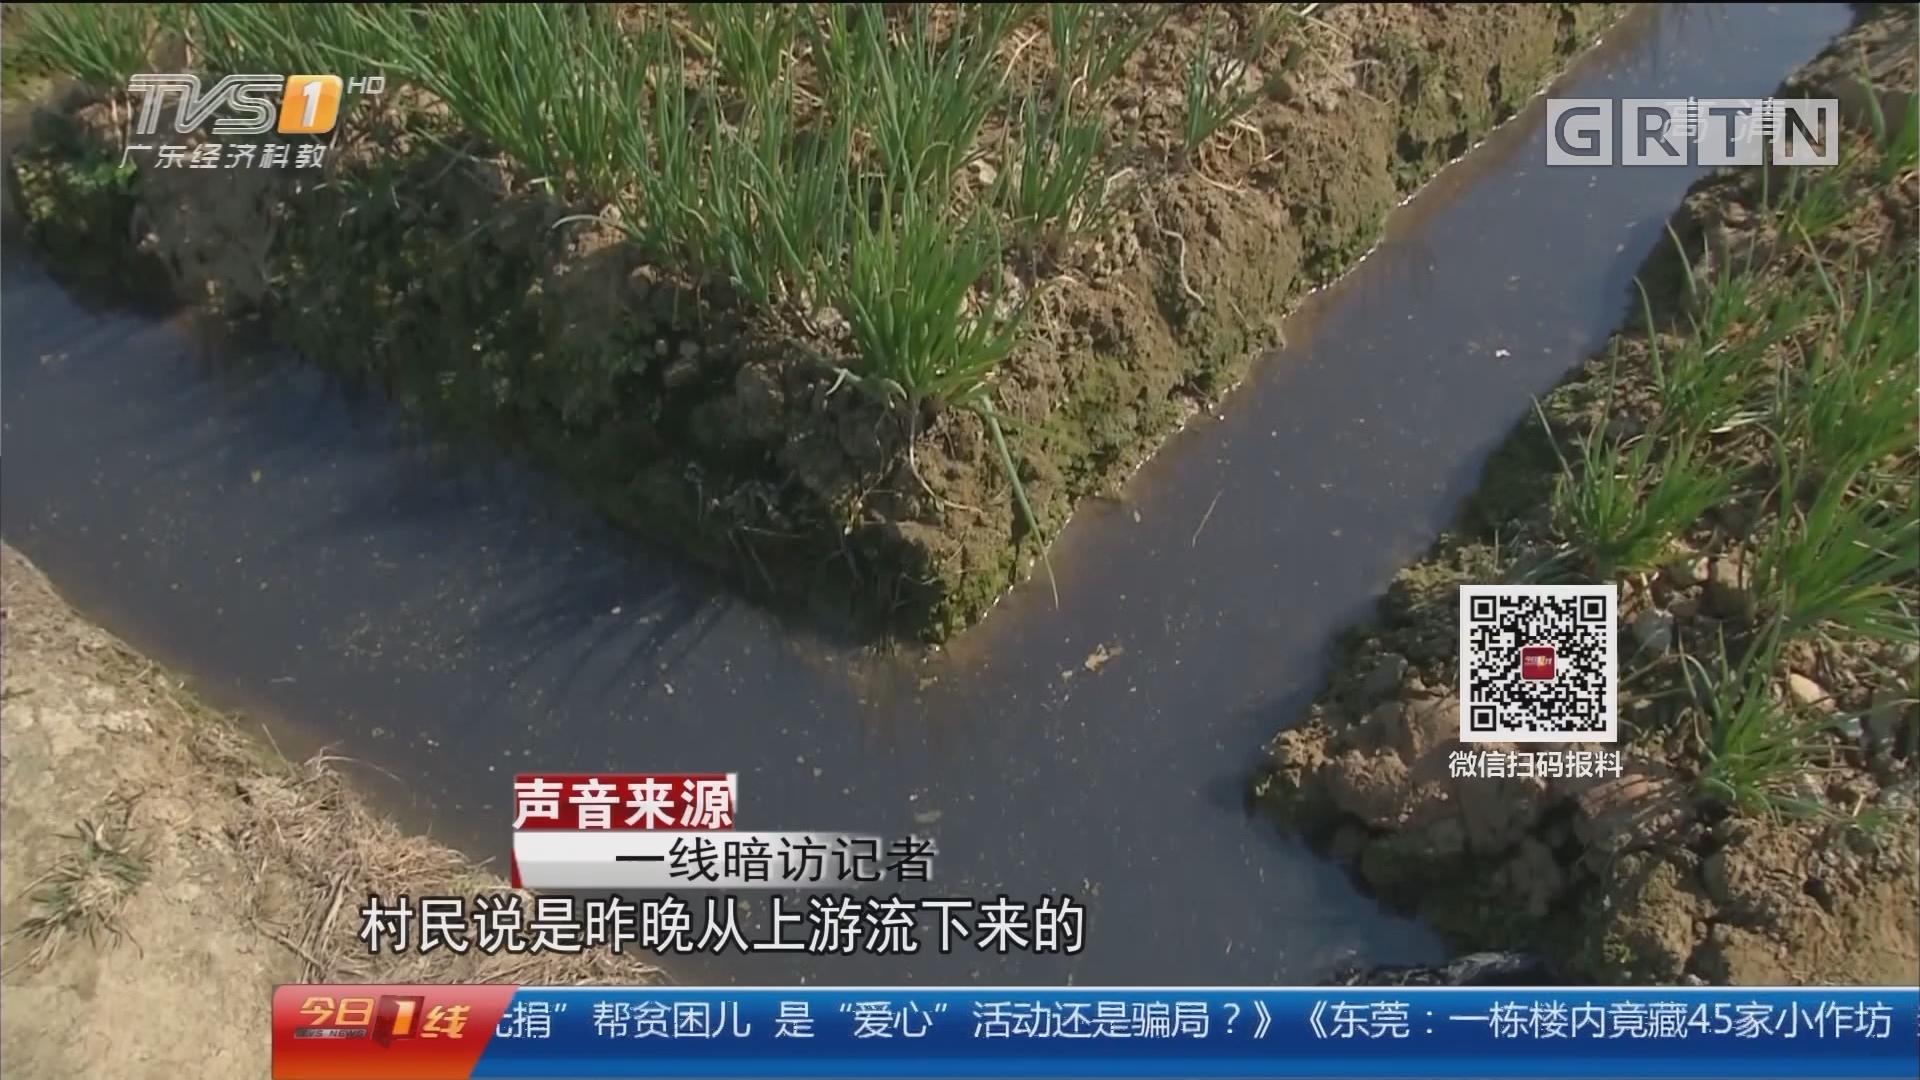 """灌溉水变""""黑"""" 两工厂被立案查处"""